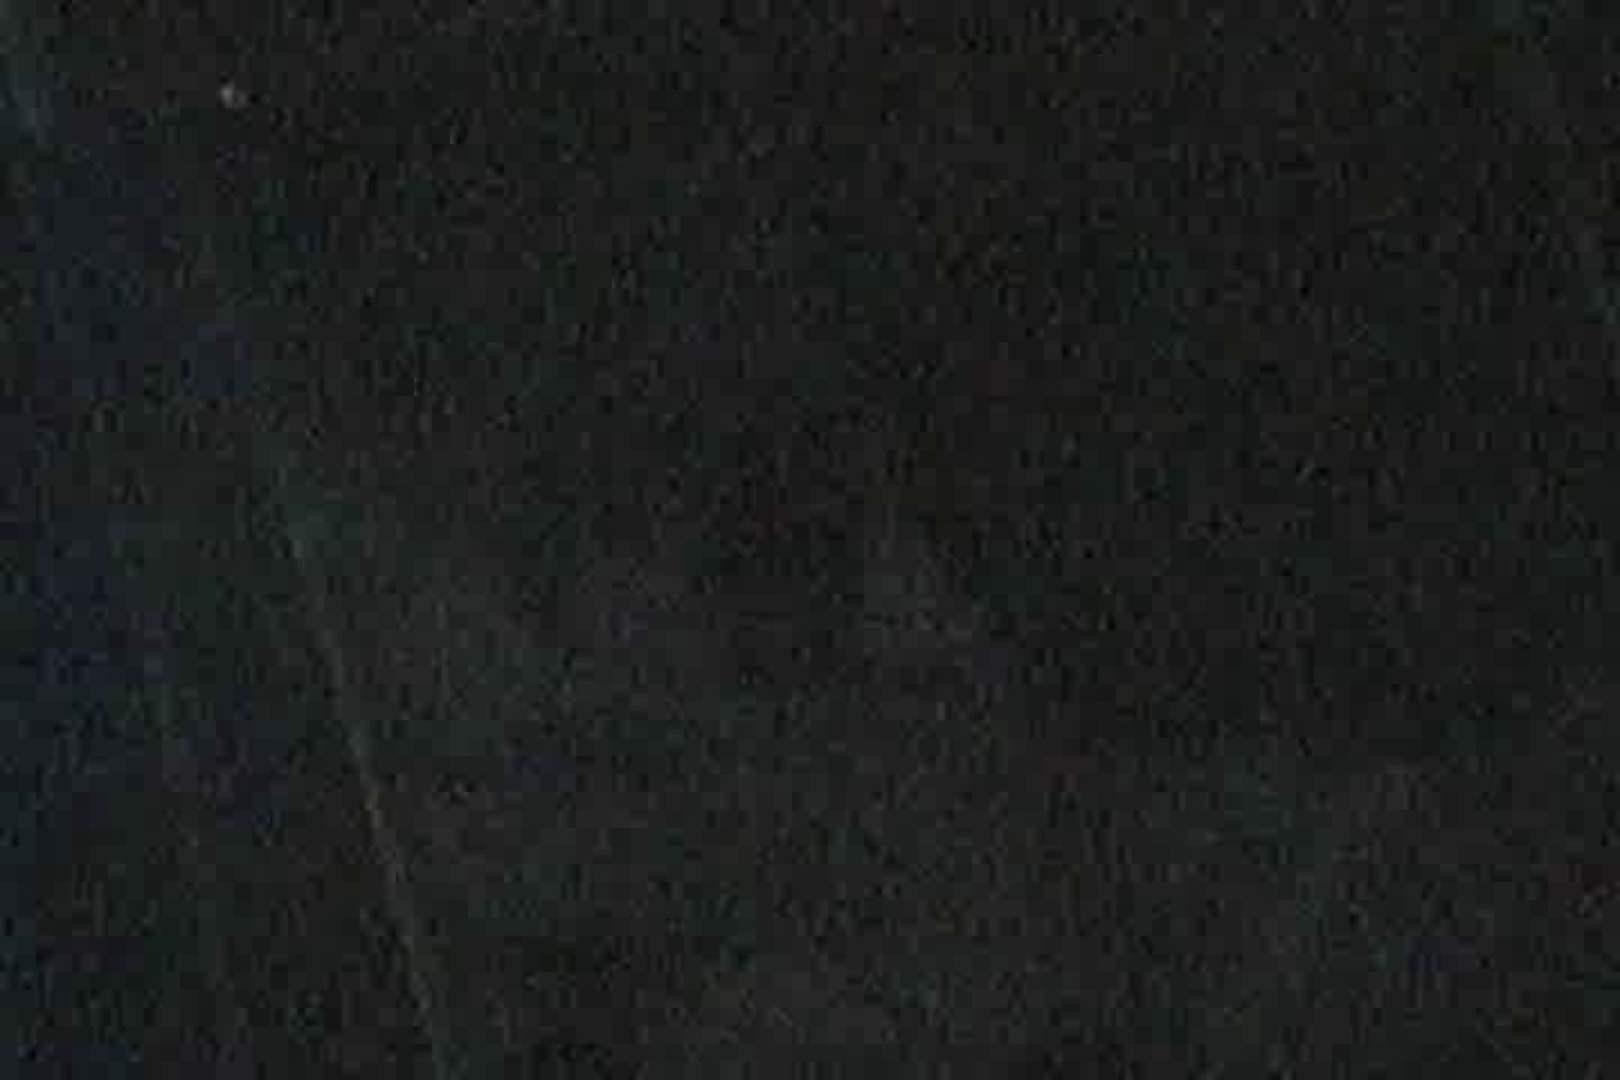 充血監督の深夜の運動会Vol.8 乳首  50連発 12